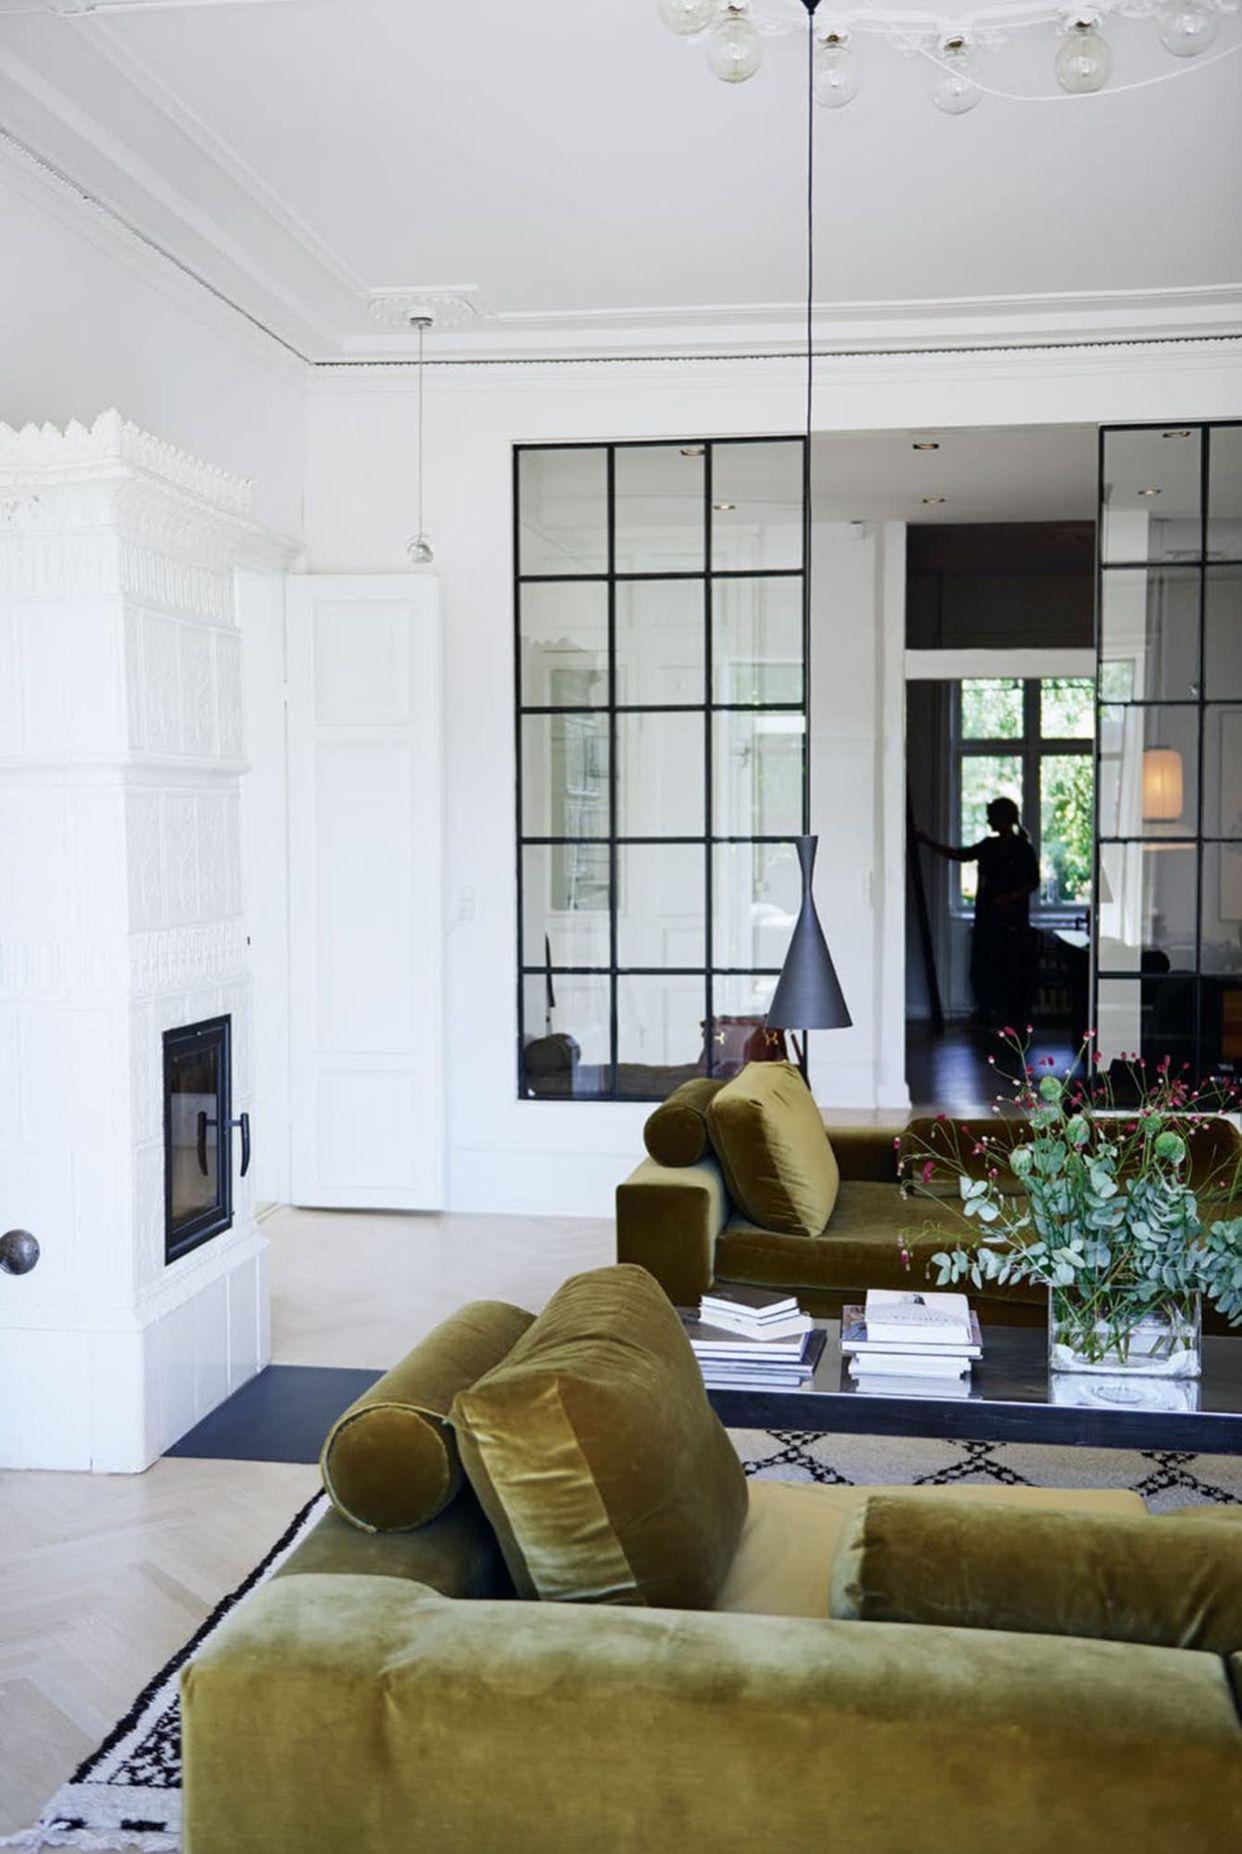 Pin von Serra Kaluti auf Cool Interiors | Pinterest | Wohnzimmer ...